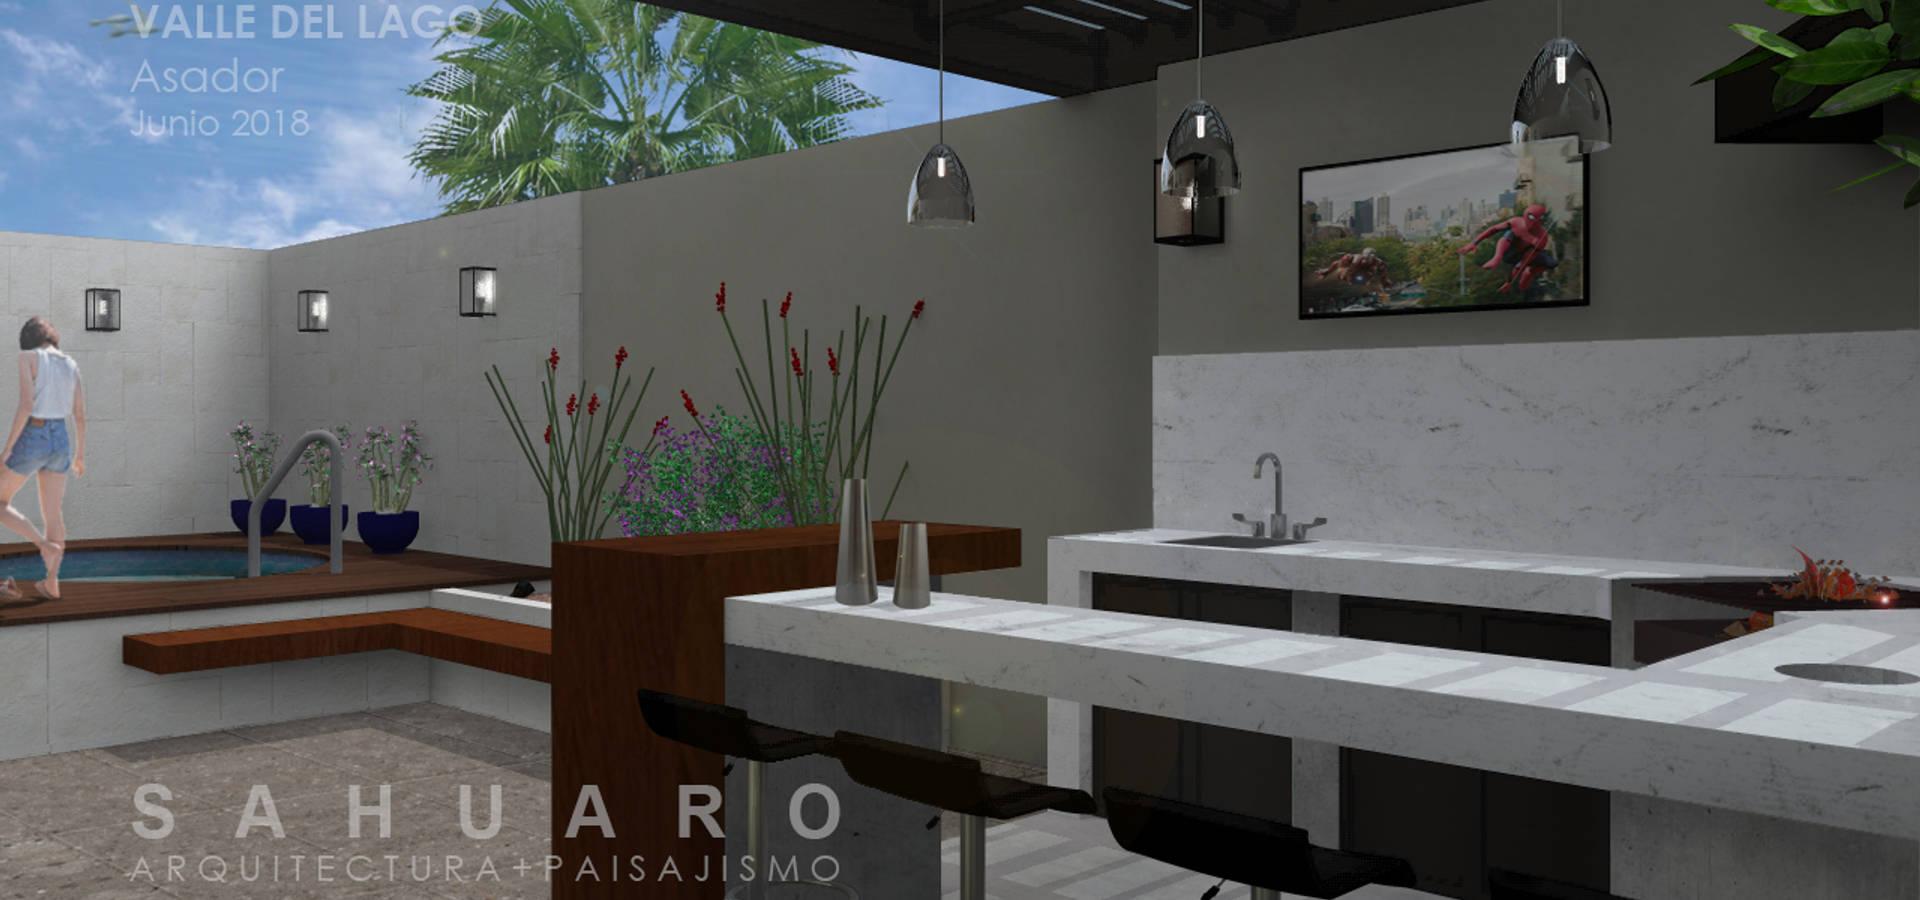 SAHUARO Arquitectura + Paisajismo